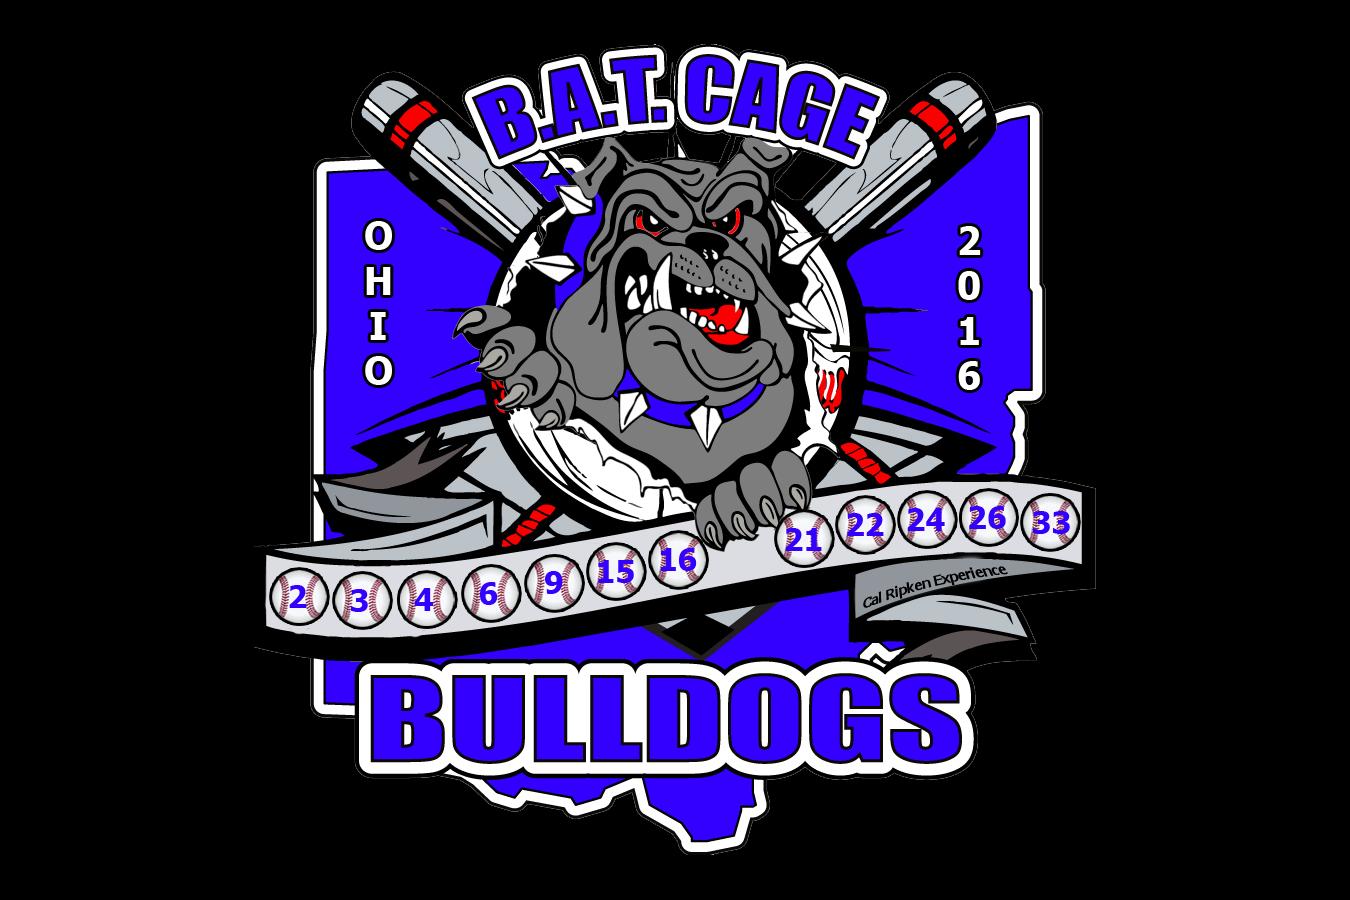 13u Bulldogs 2016 Cal Ripken Experience